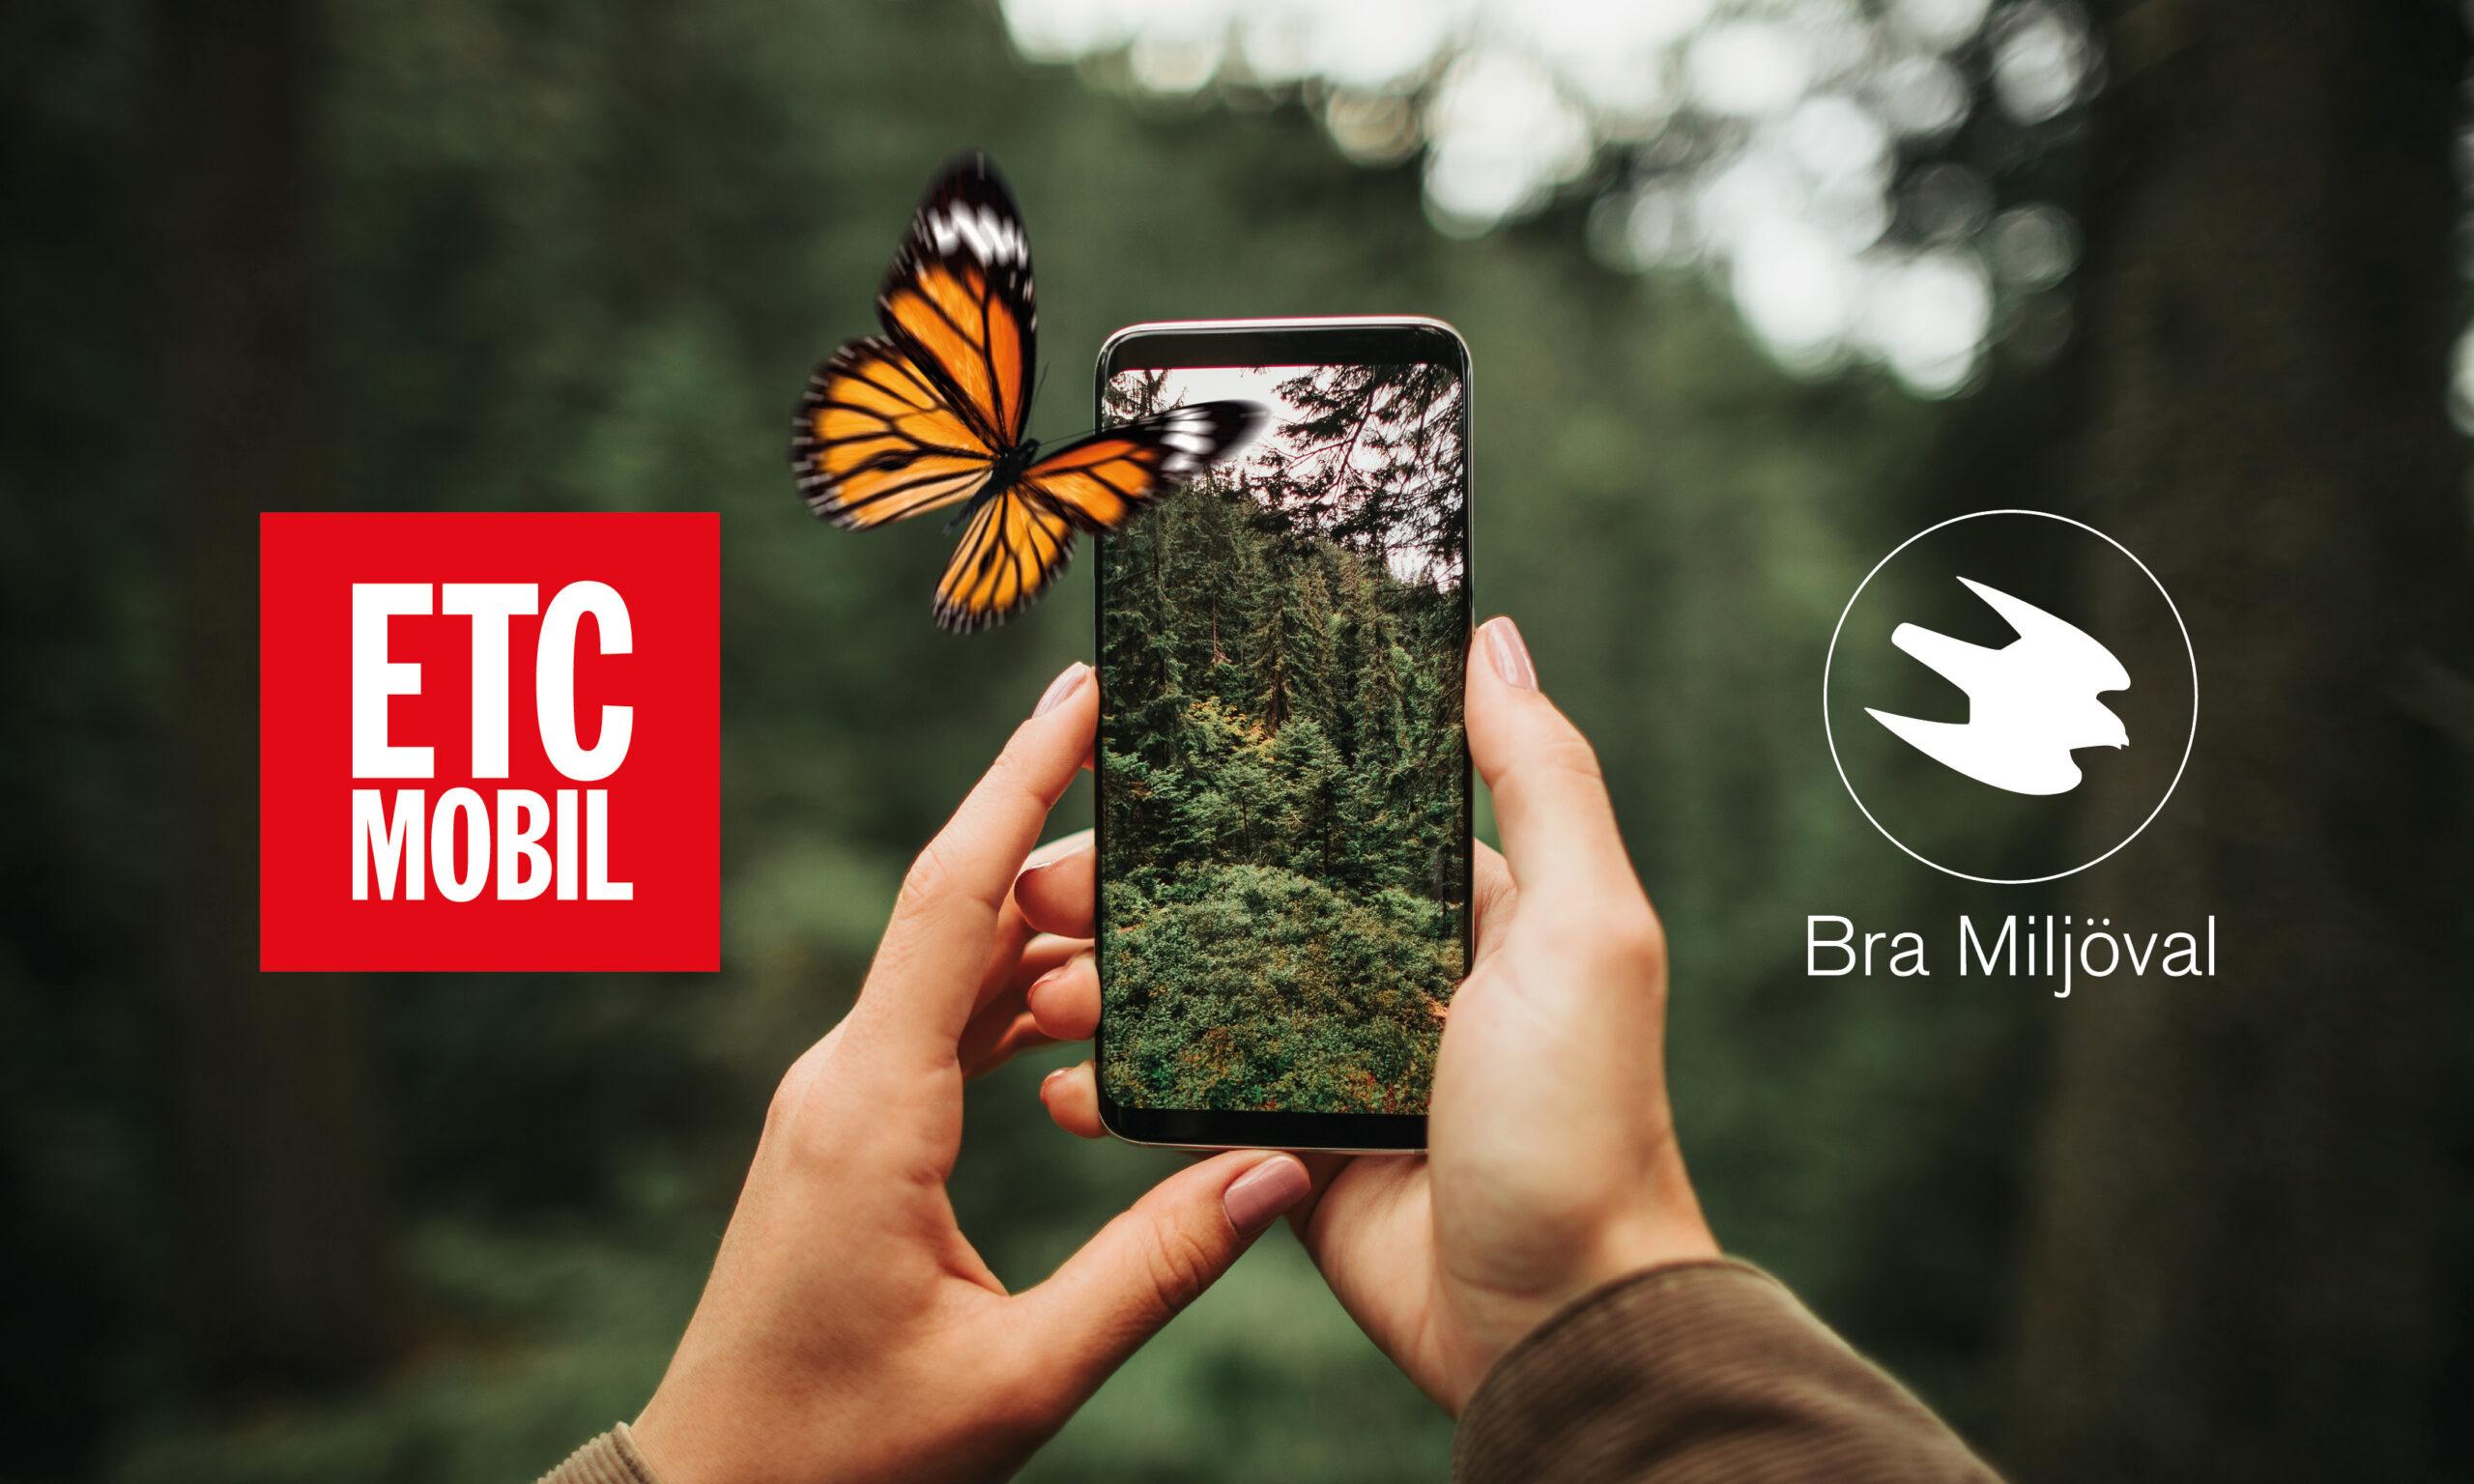 ETC Mobil blir först med miljömärkt abonnemang